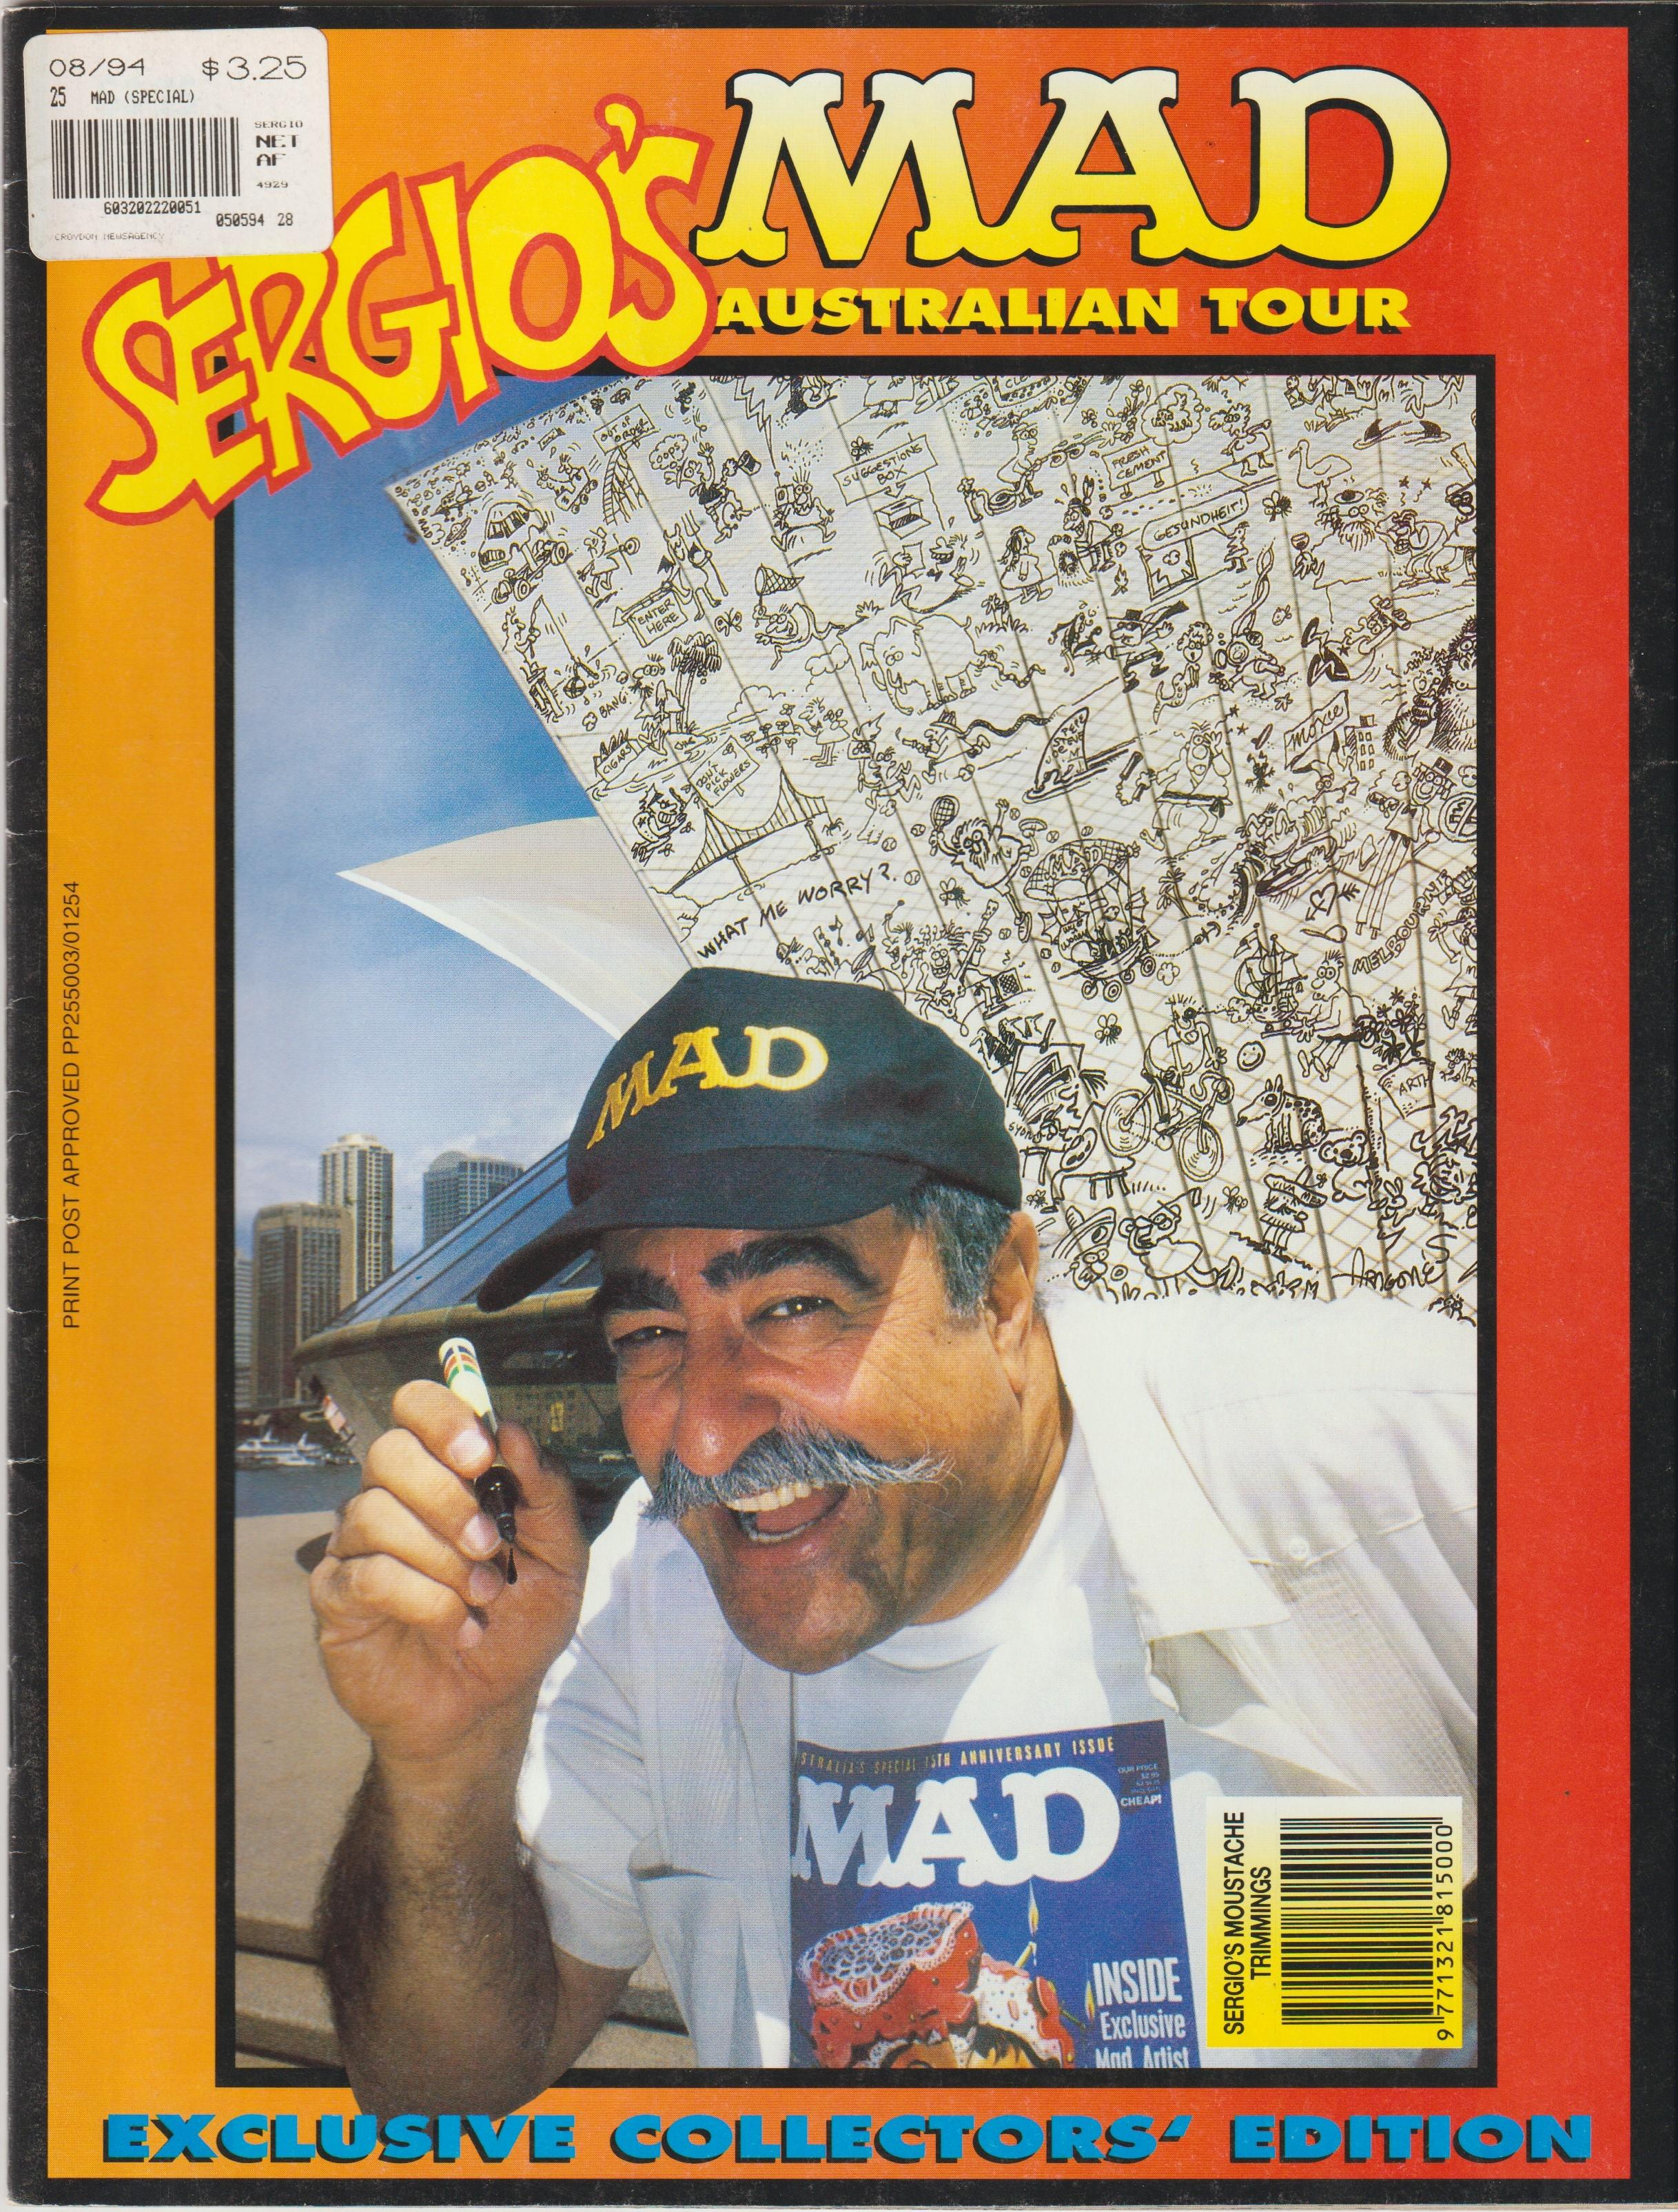 Sergios MAD Australian Tour • Australia